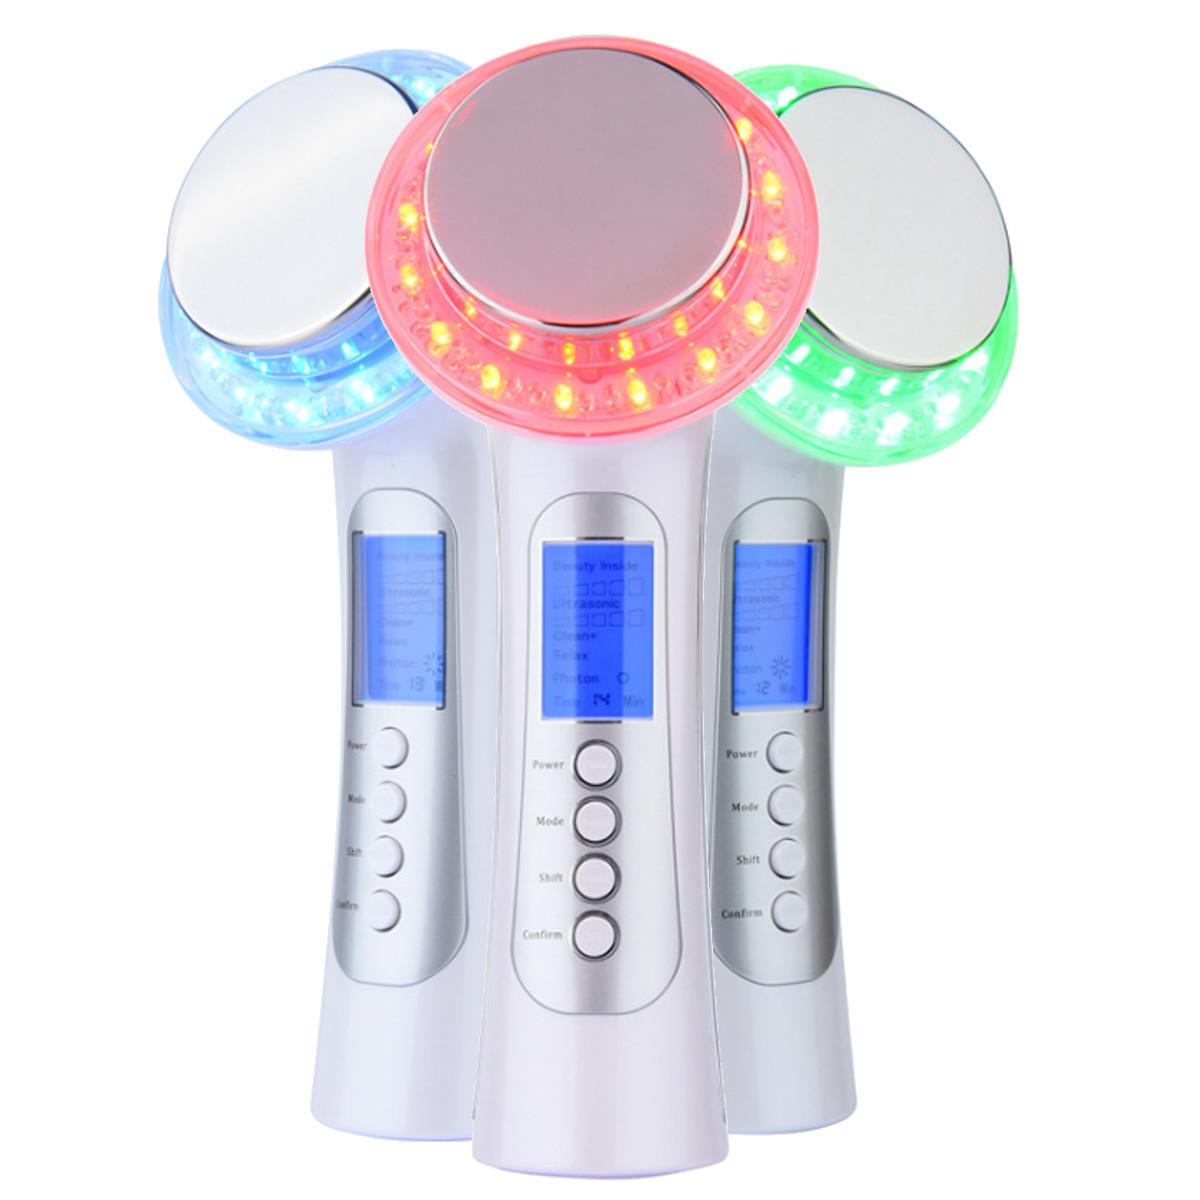 Galvanic IONS Siêu âm Photon Liệu pháp ánh sáng LED Thiết bị nâng cơ mặt Máy làm đẹp mát xa